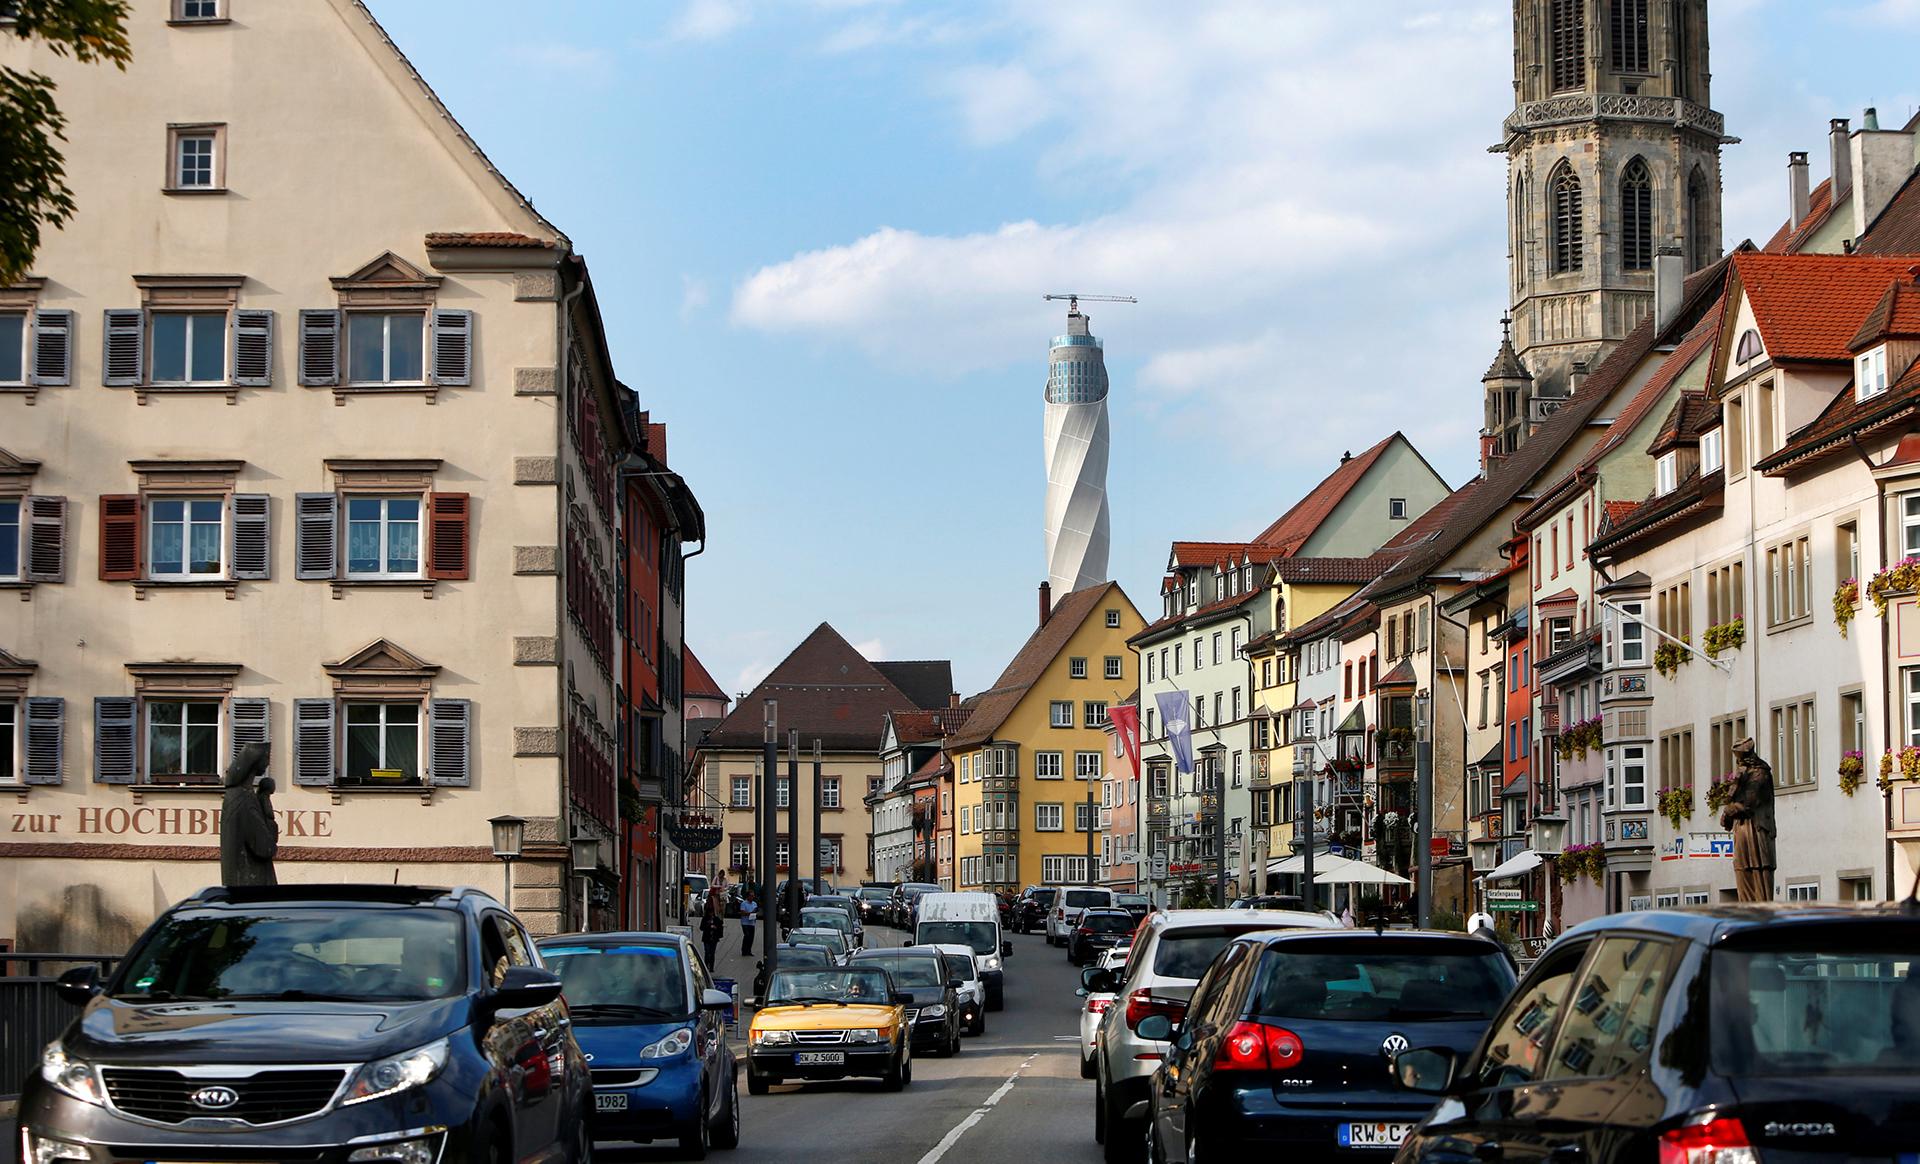 La vista de la torre desde el pueblo de Rottweil, al suroeste de Alemania, donde viven 24.378 personas según el último censo.